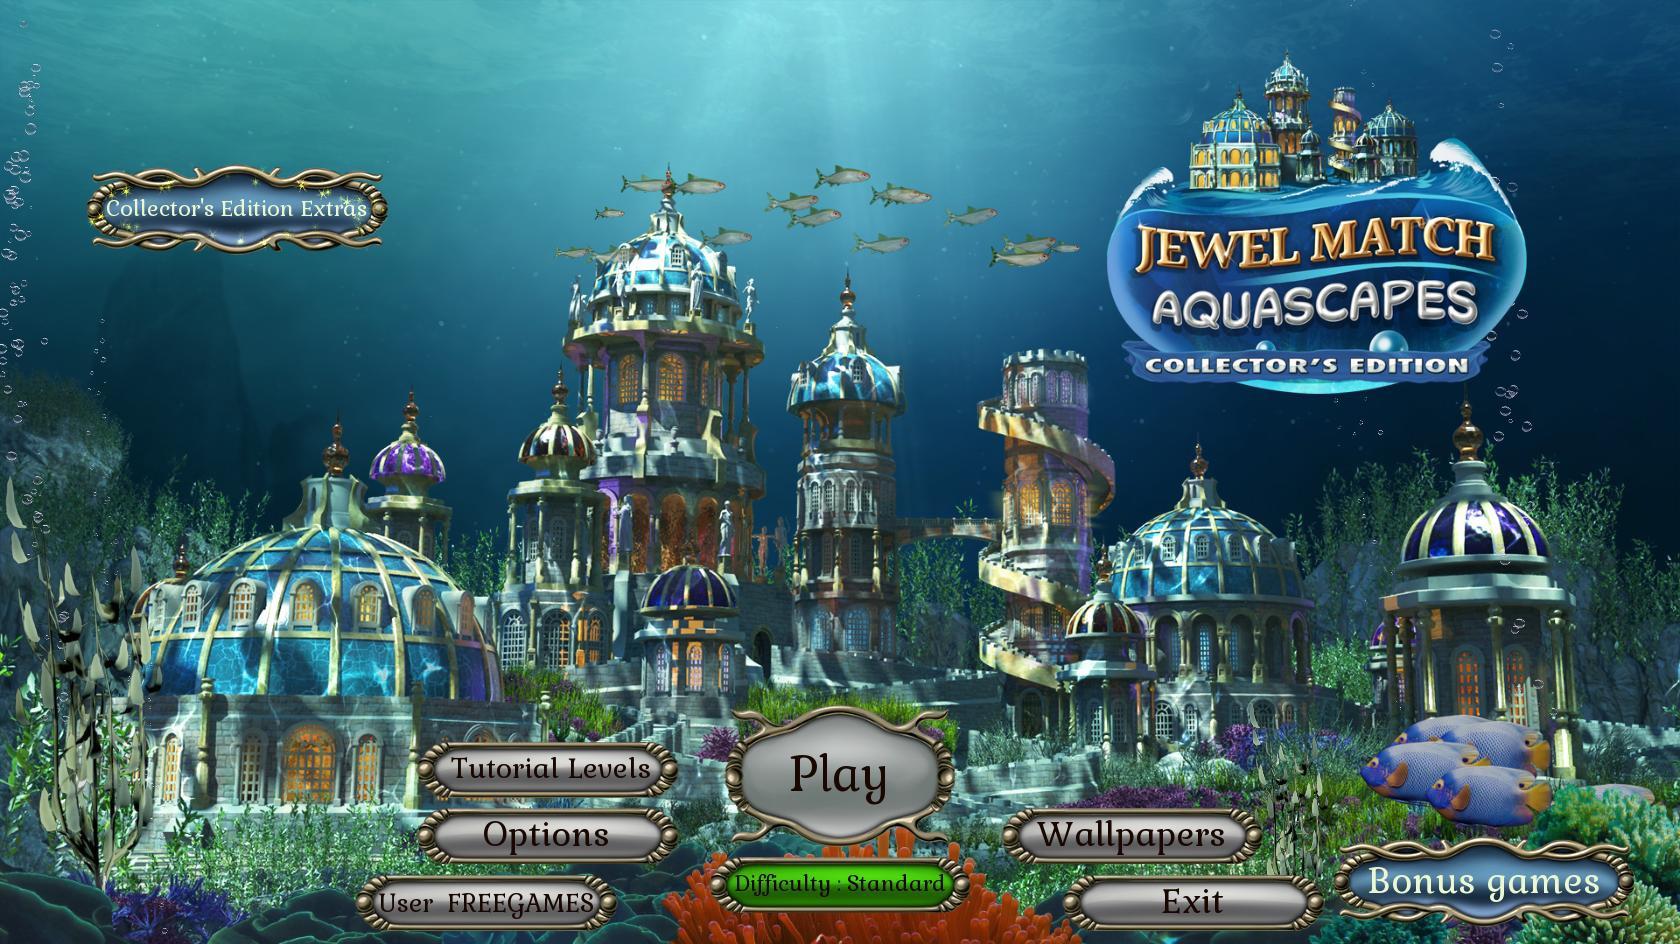 Jewel Match. Aquascapes Collector's Edition (En)